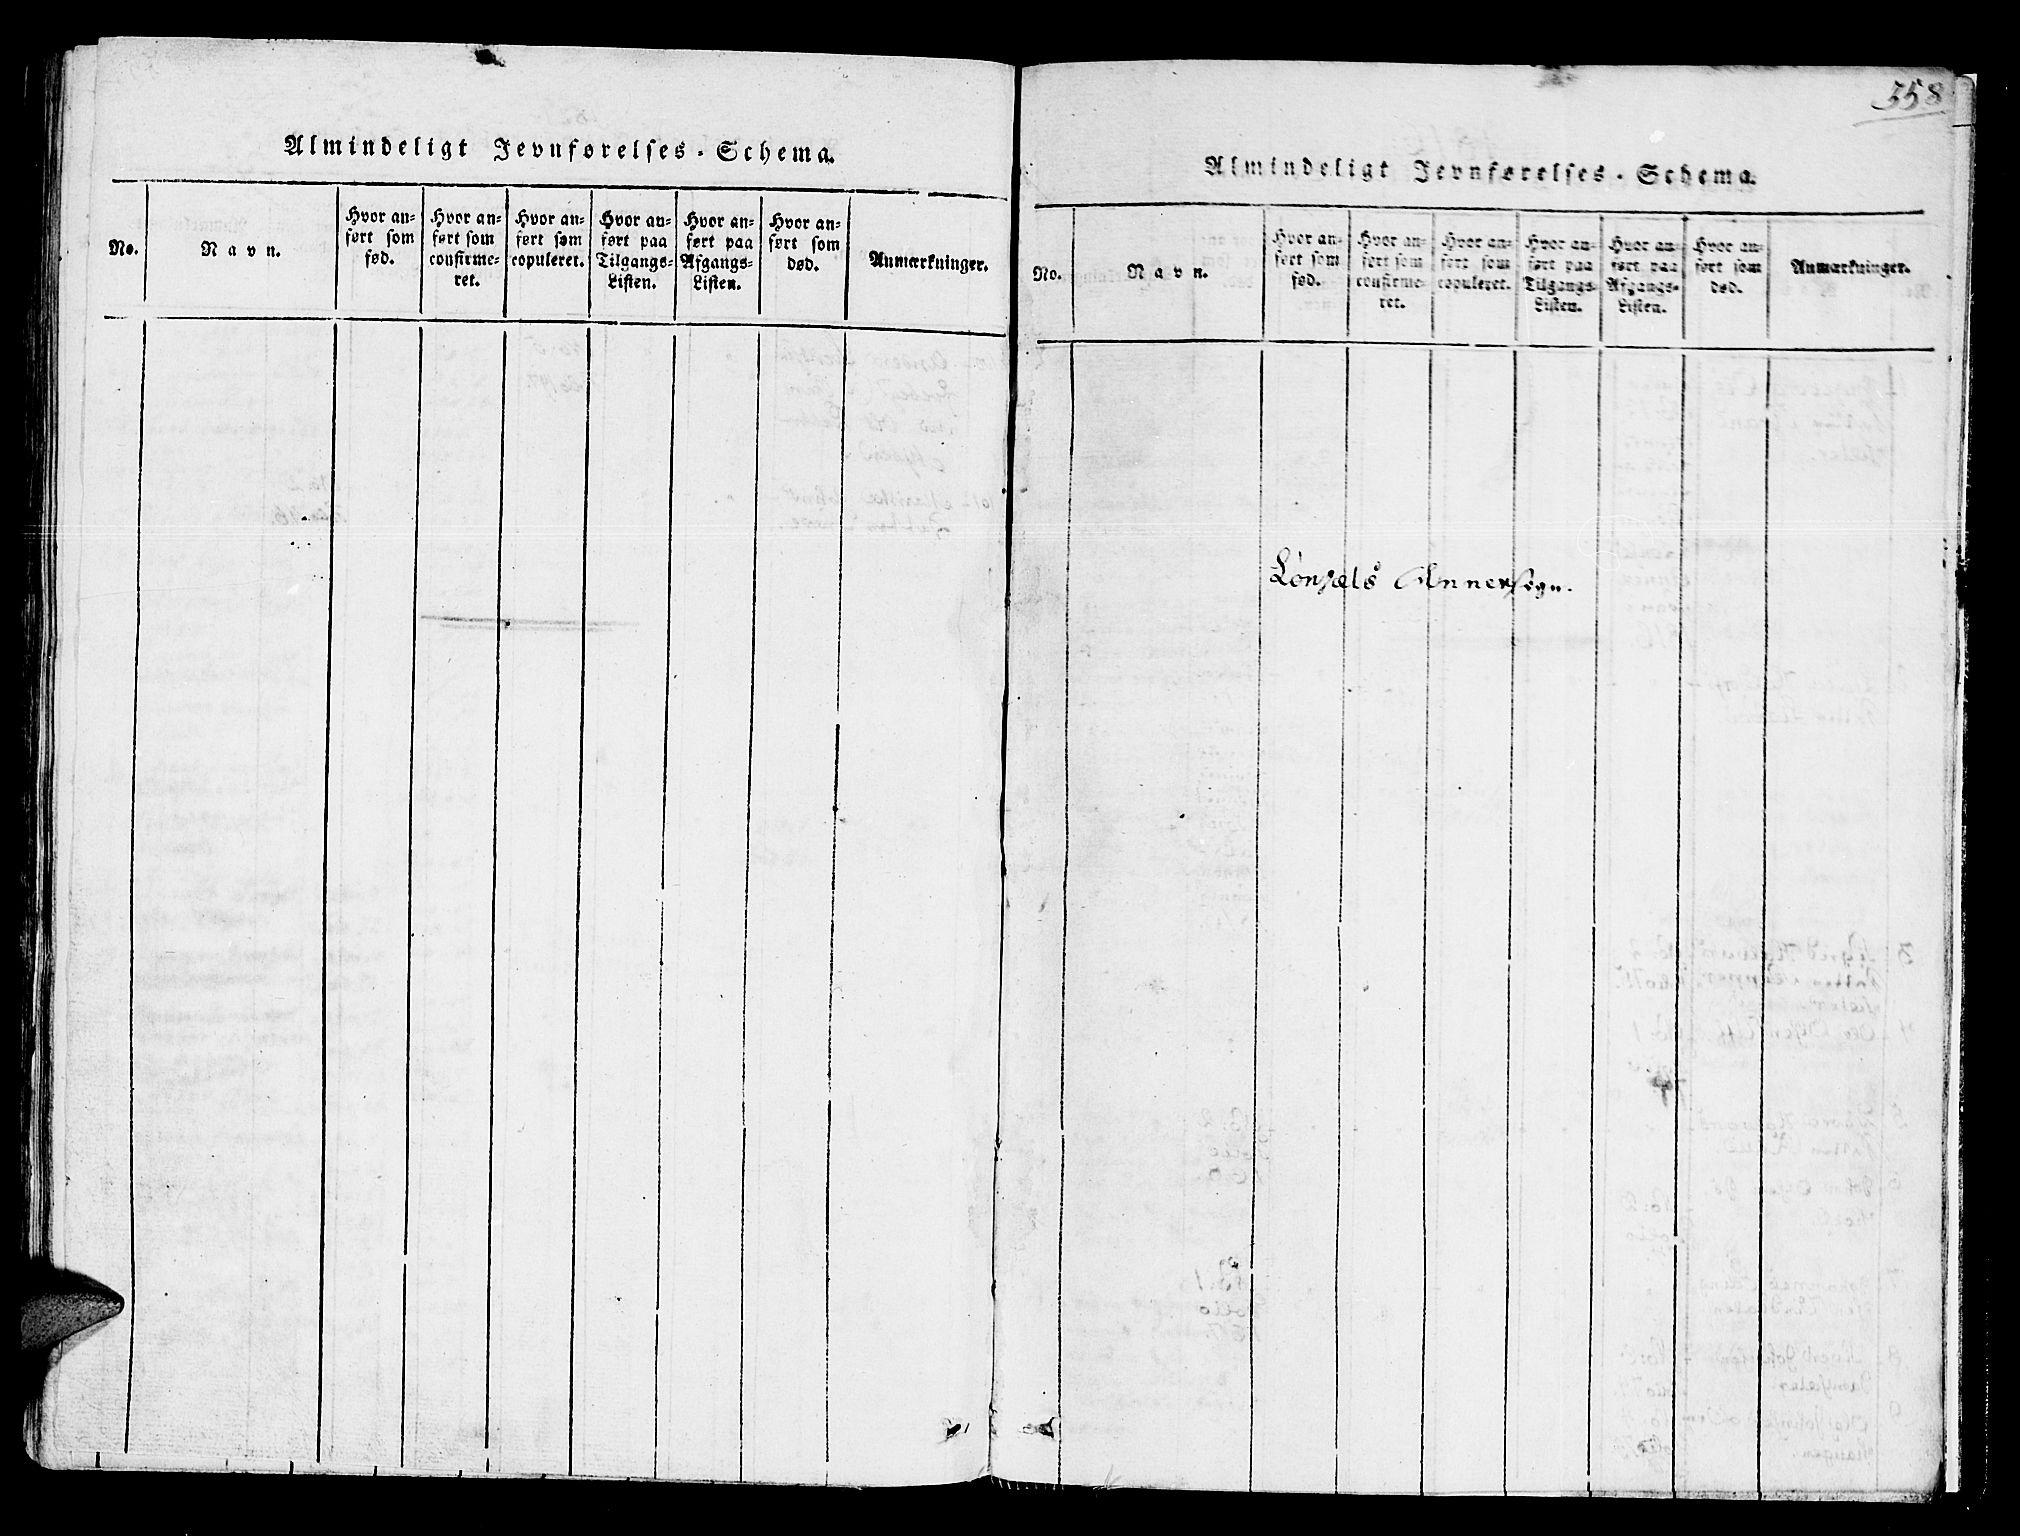 SAT, Ministerialprotokoller, klokkerbøker og fødselsregistre - Sør-Trøndelag, 678/L0896: Ministerialbok nr. 678A05 /2, 1816-1821, s. 358